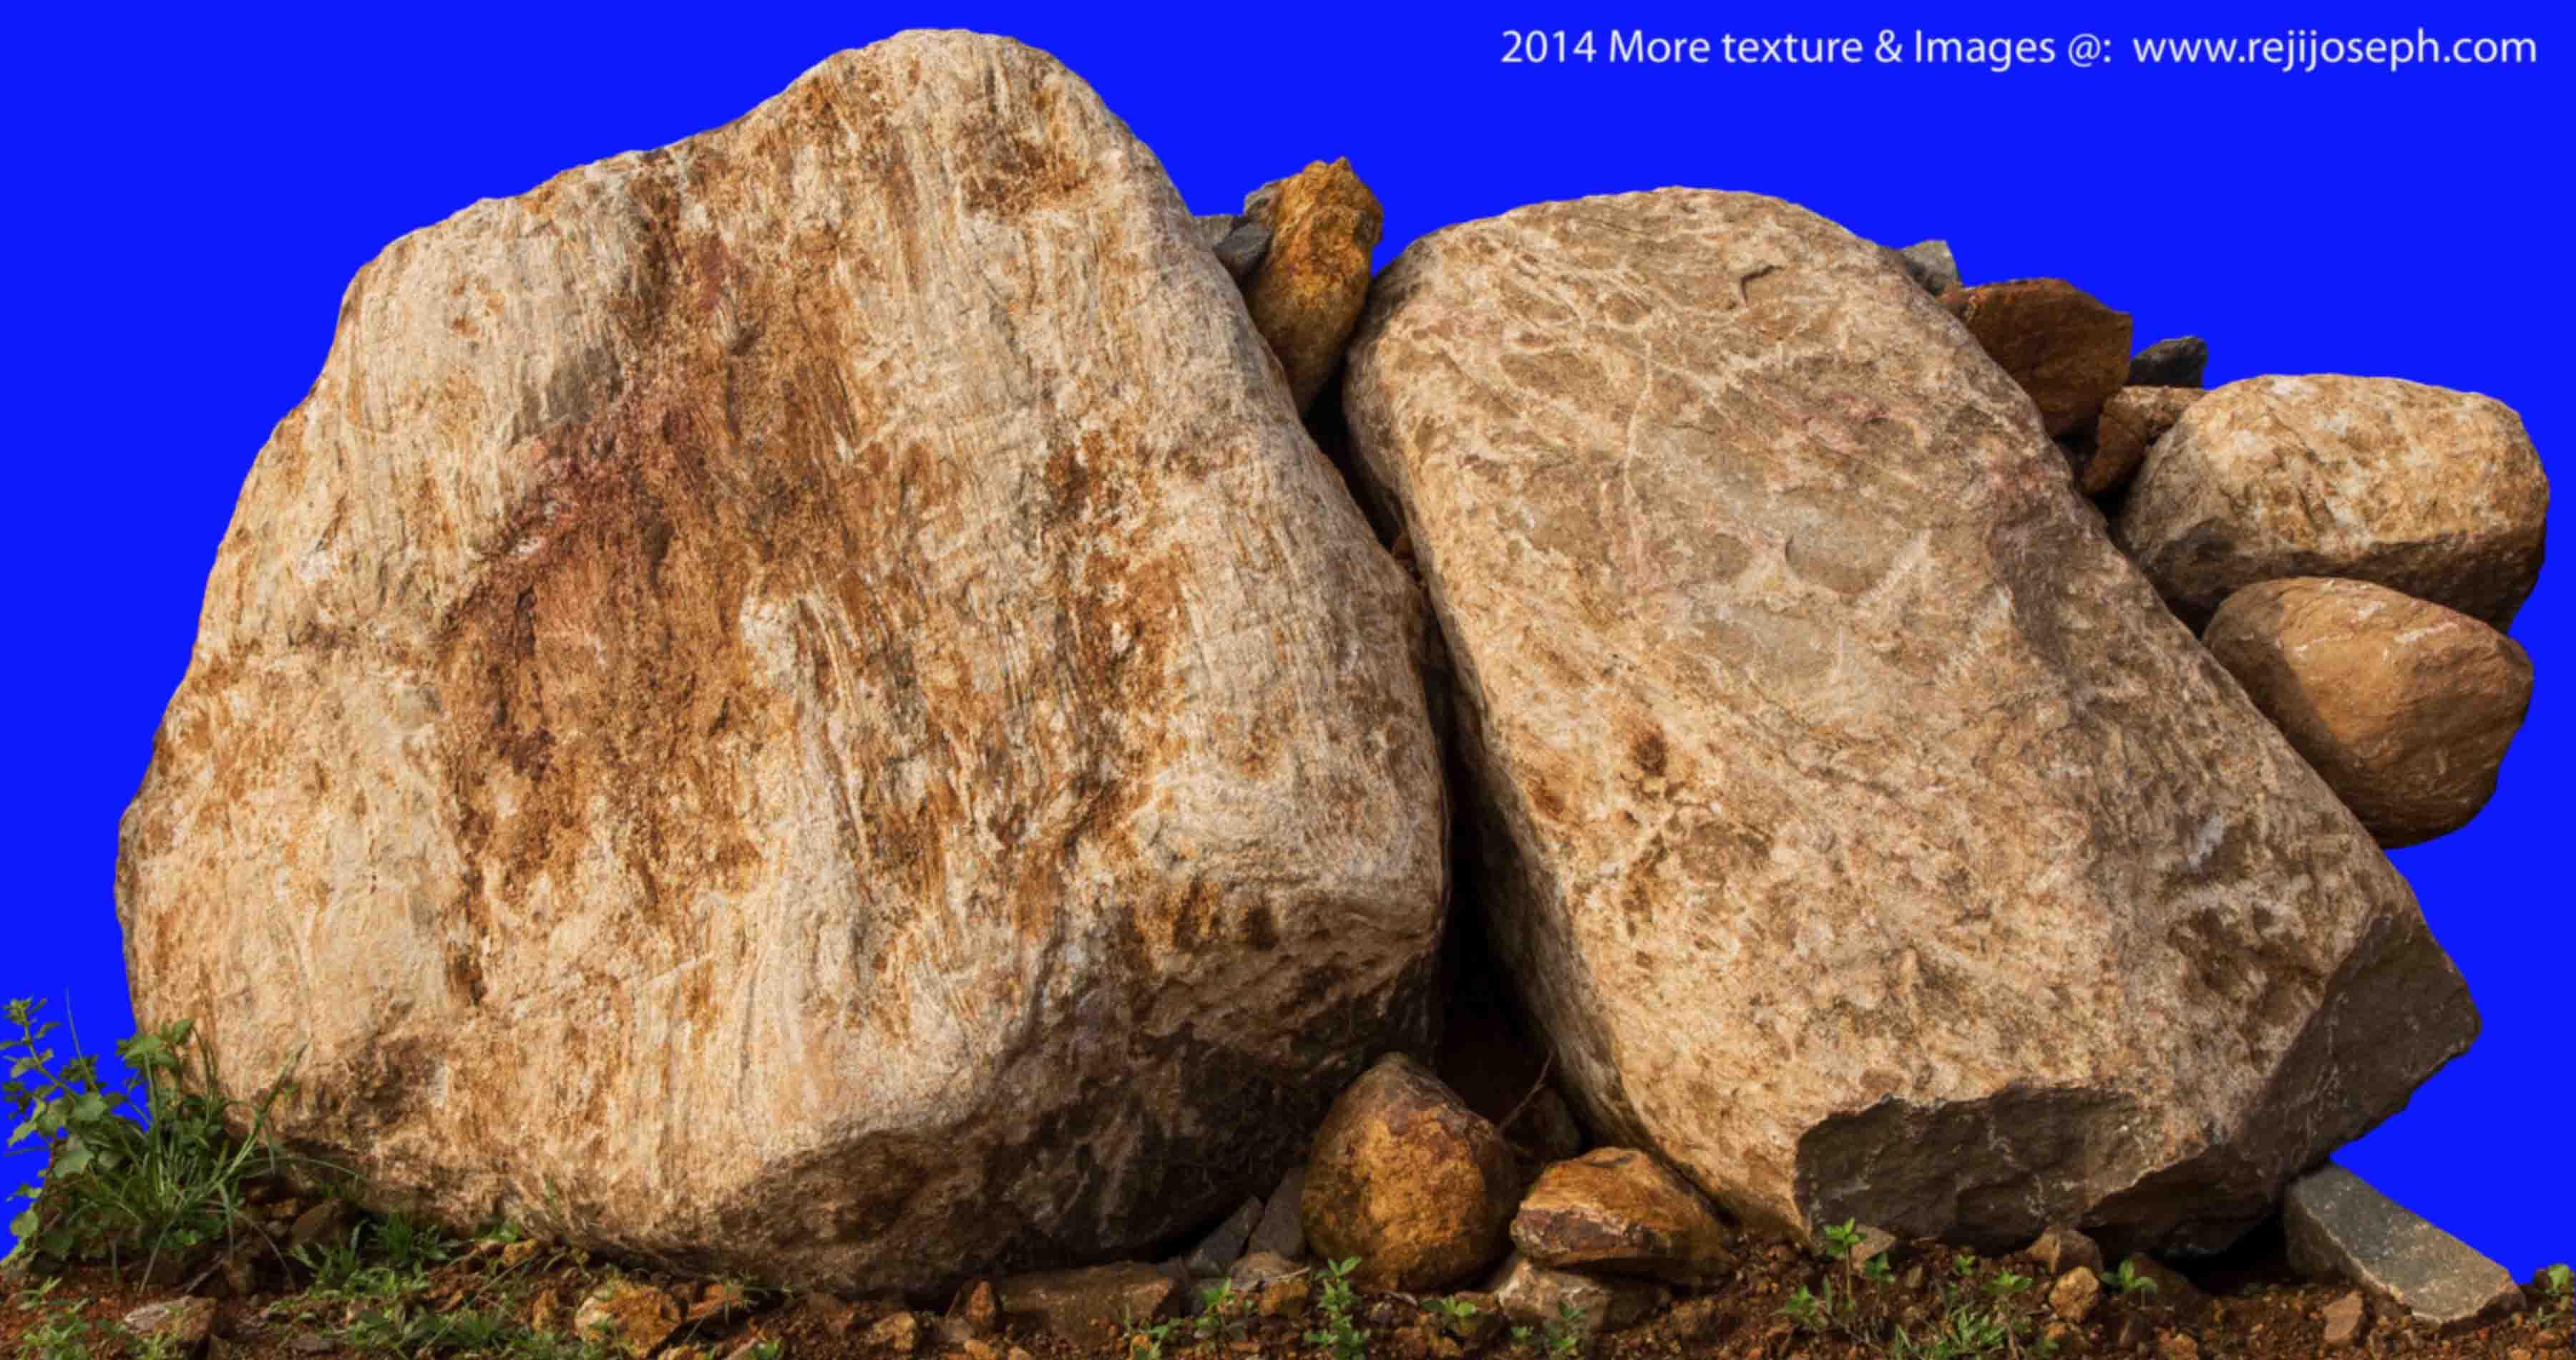 Rock texture 00003